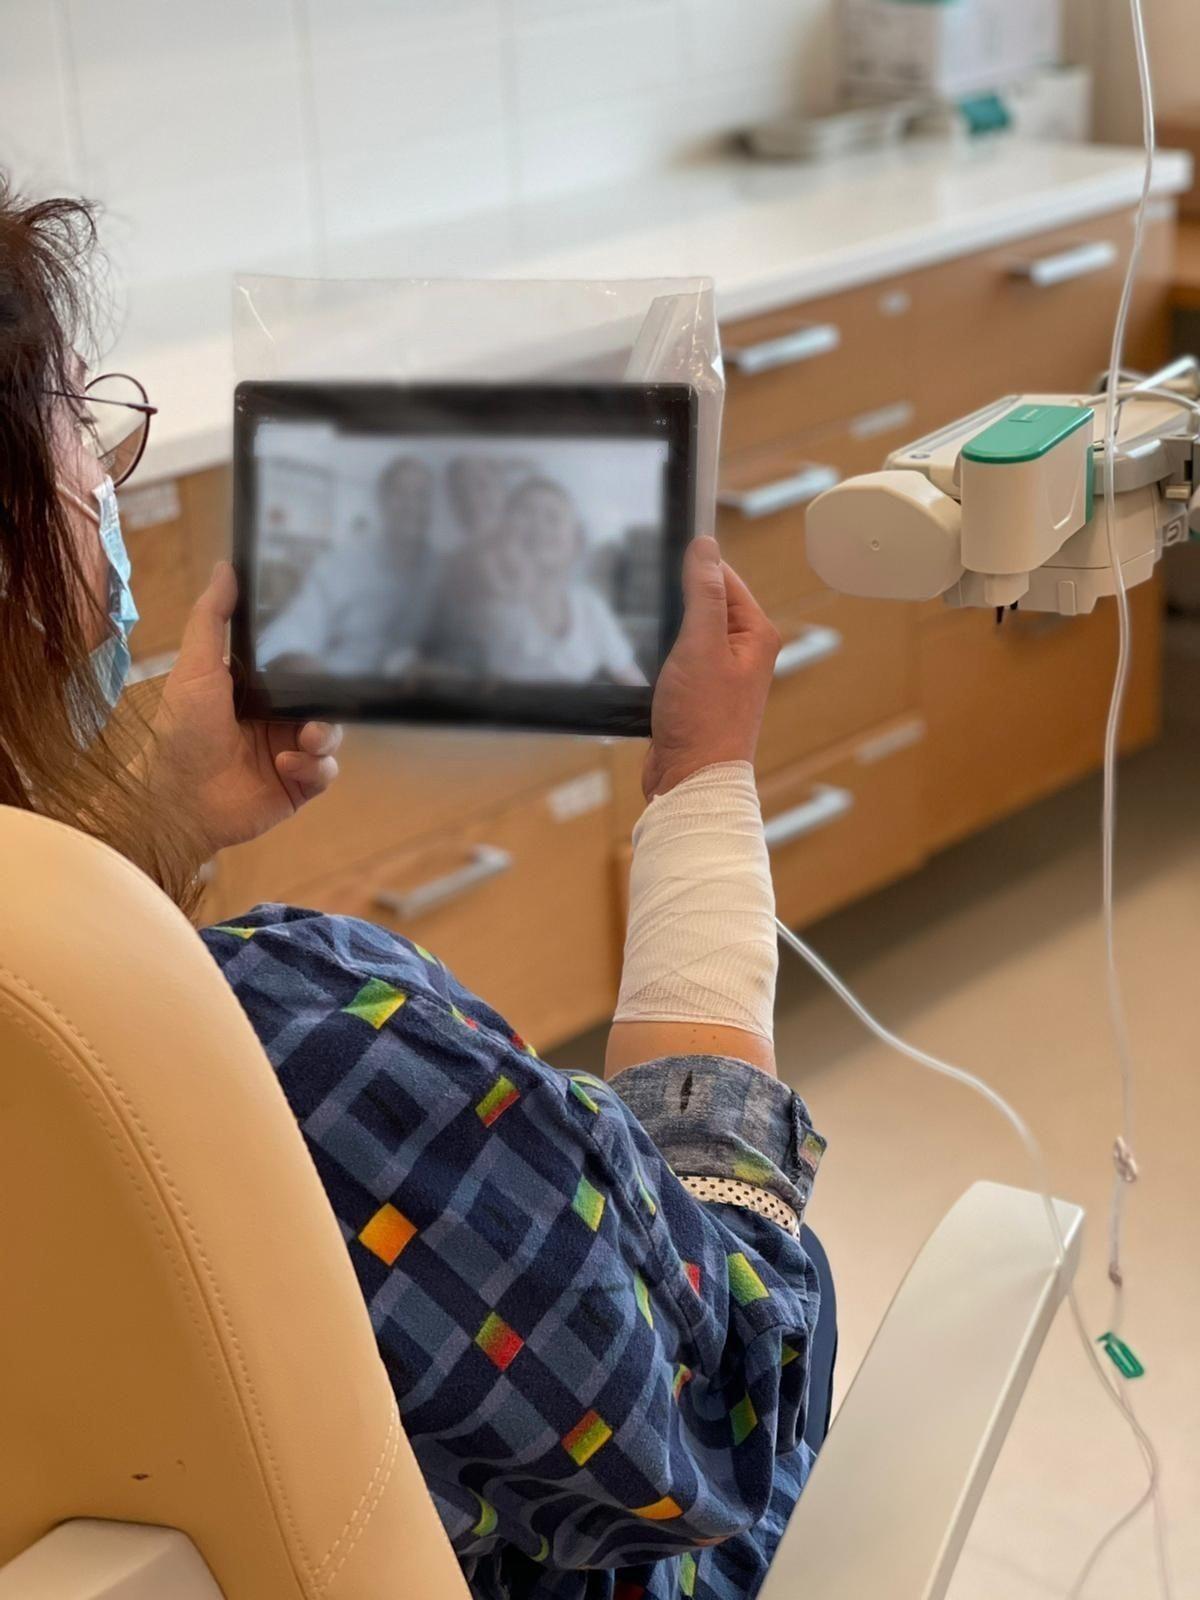 Uroloogi nouanded suurendavad liikme Sorme suurus ja peenise suurus